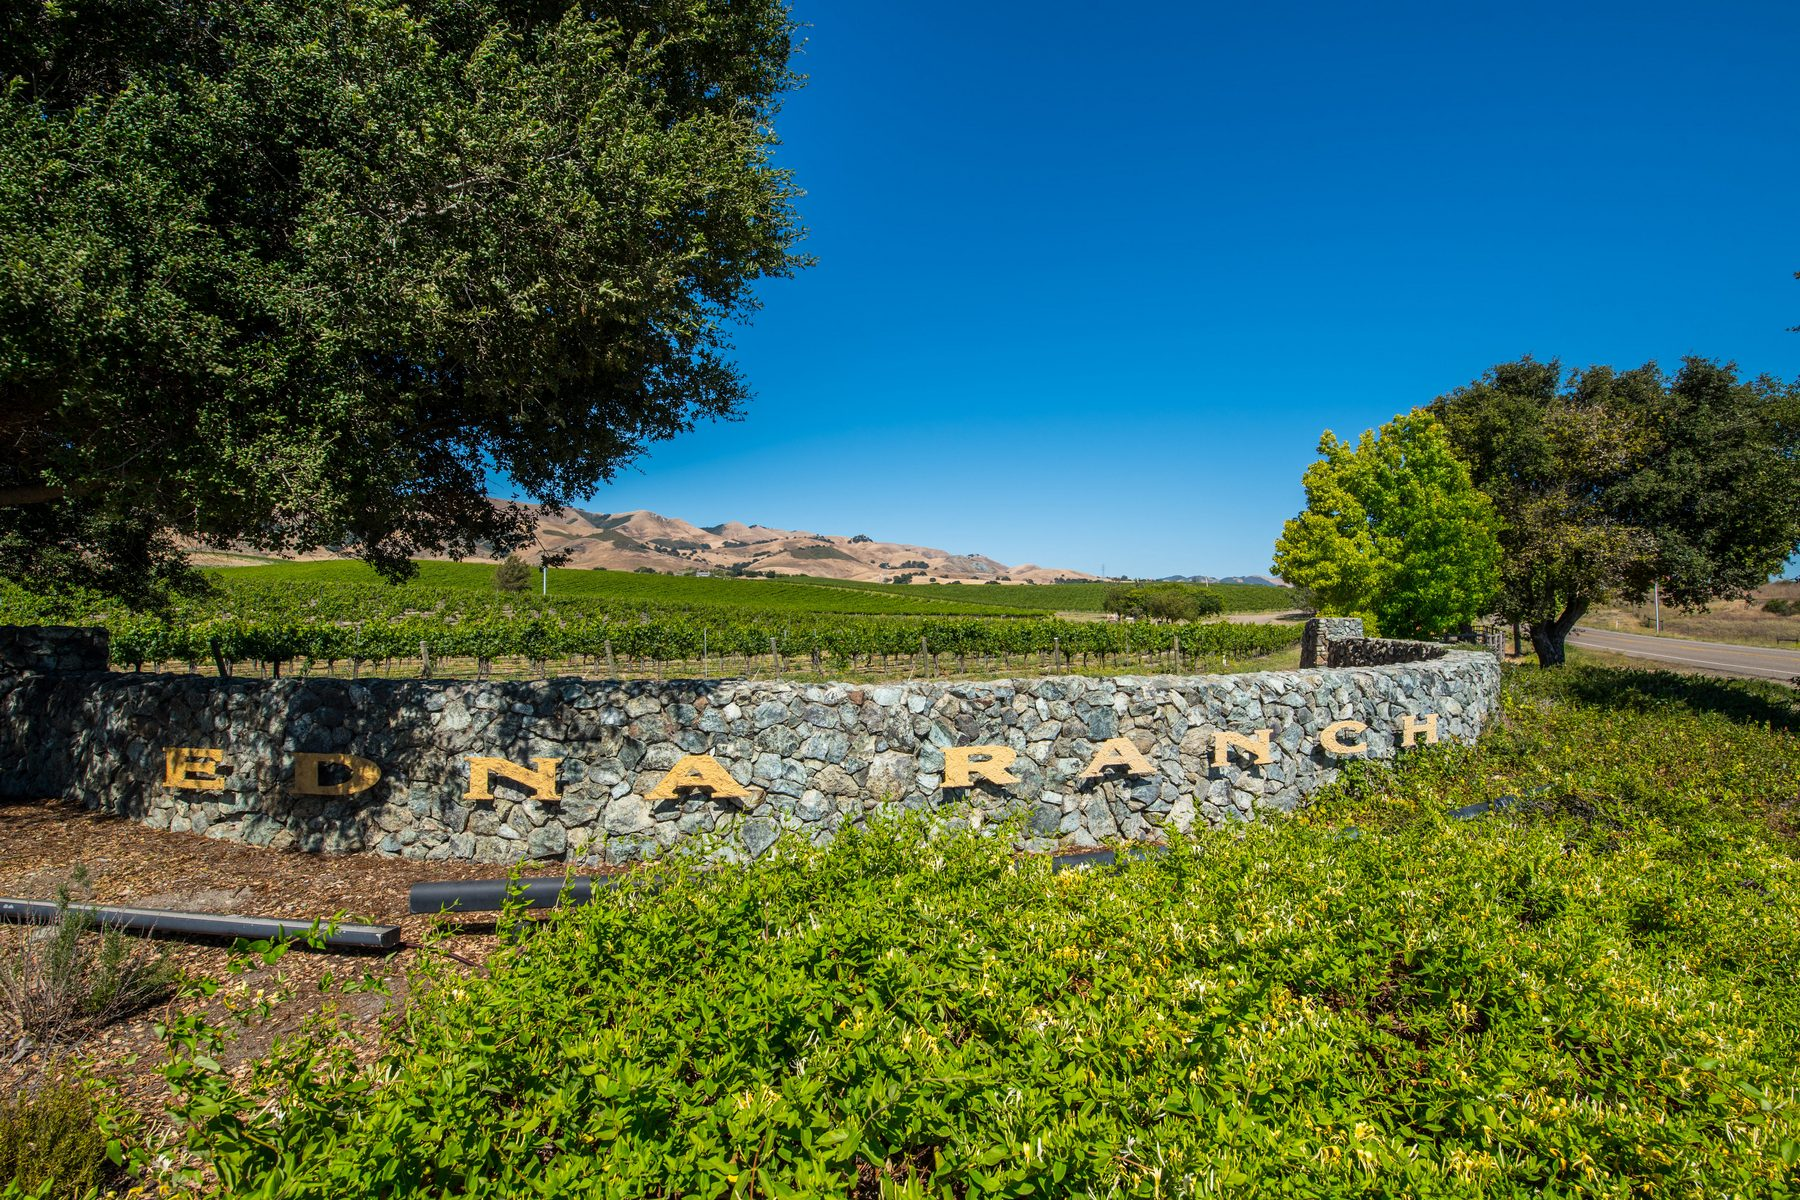 Maison unifamiliale pour l Vente à Stunning Wine Country Estate 6970 Canada Vista San Luis Obispo, Californie, 93401 États-Unis